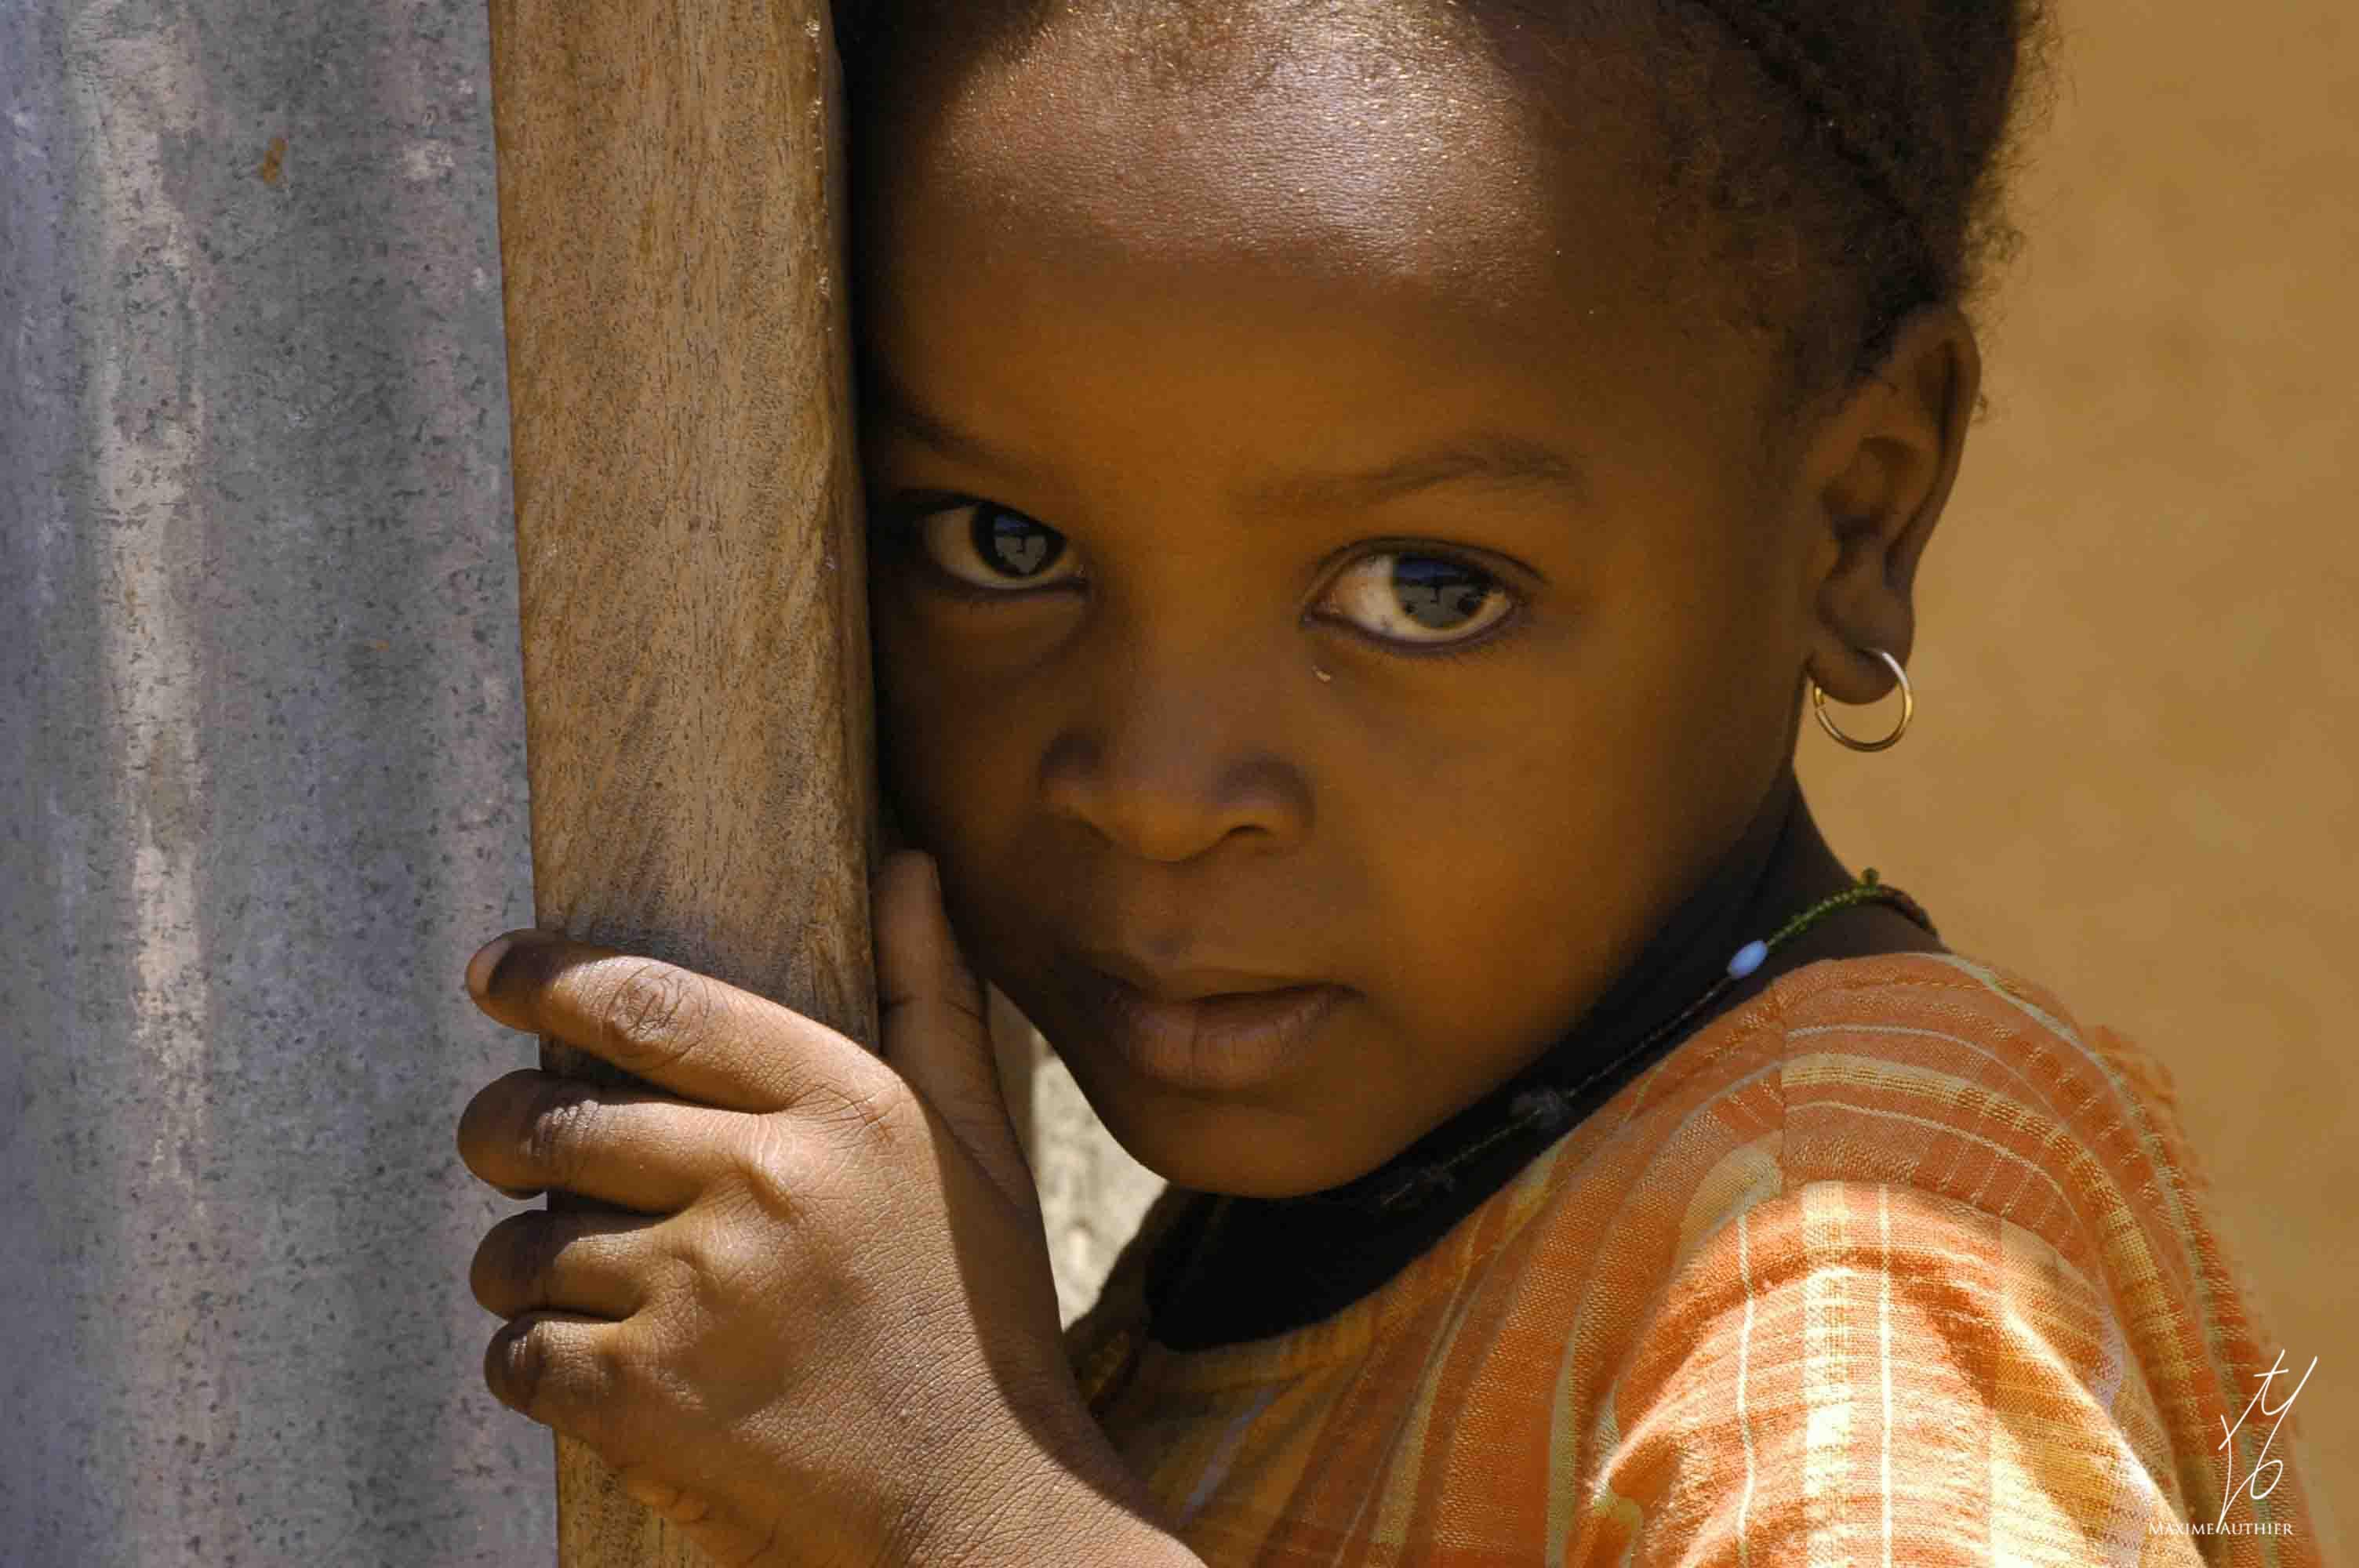 Le regard d'une jeune fille au Niger